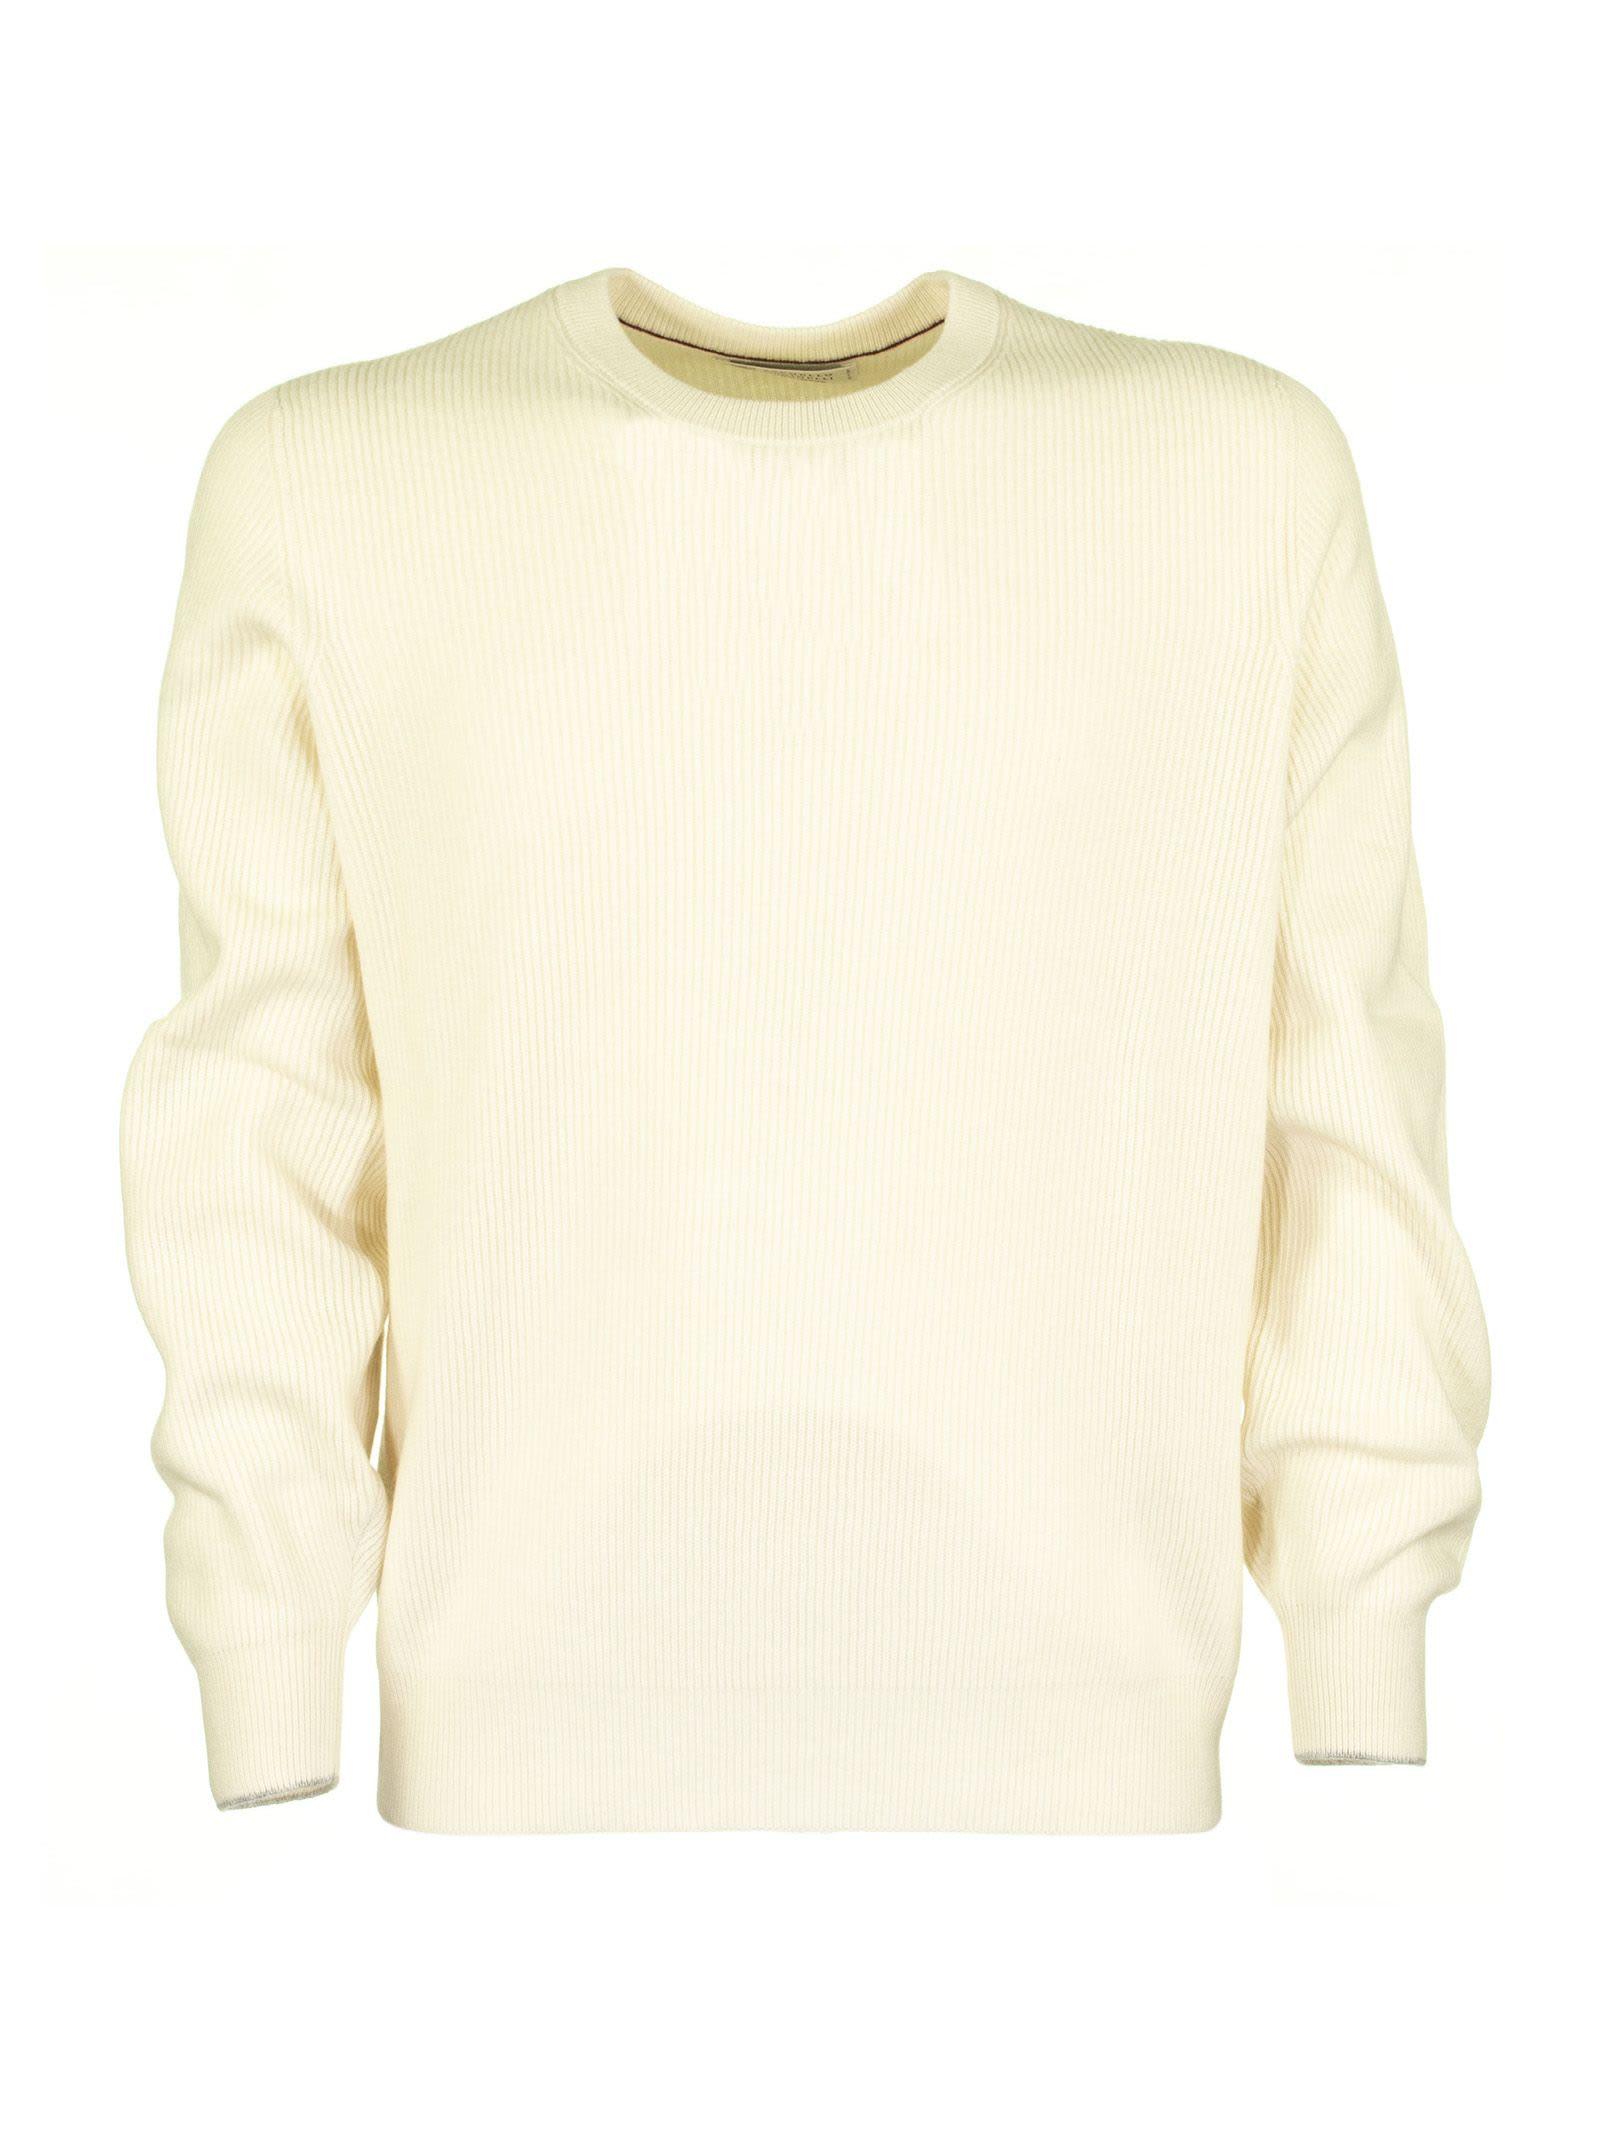 Brunello Cucinelli Cashmere English Rib Sweater